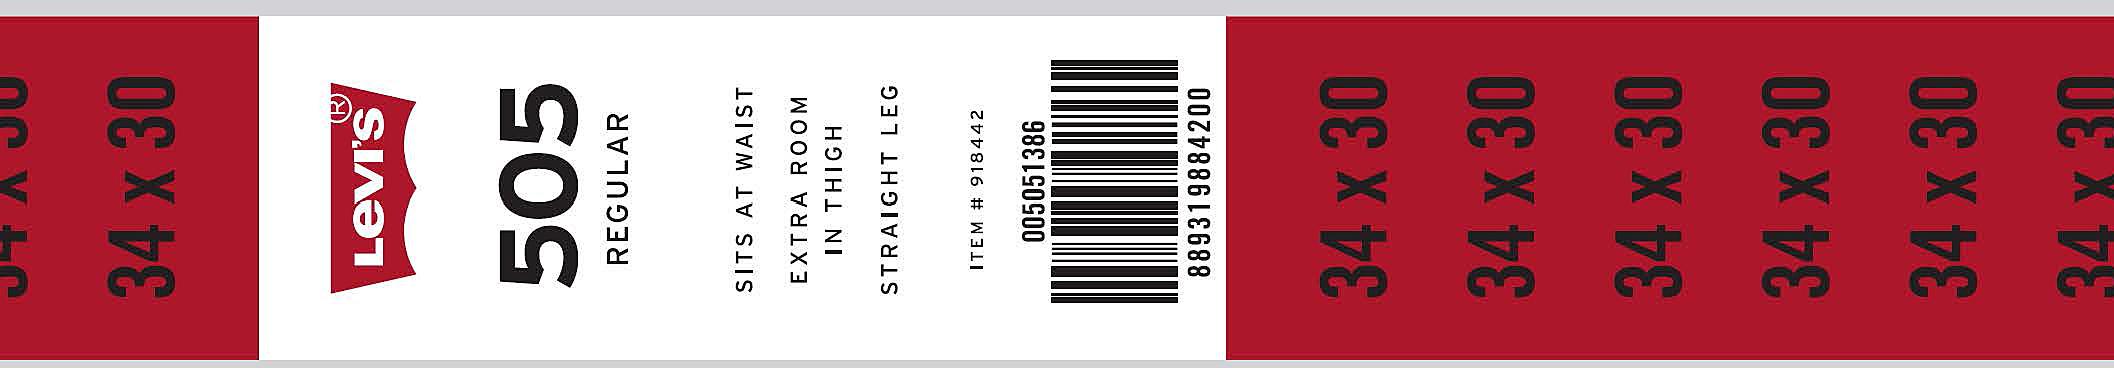 Size Stickers -Waist X Inseam 1-1/4